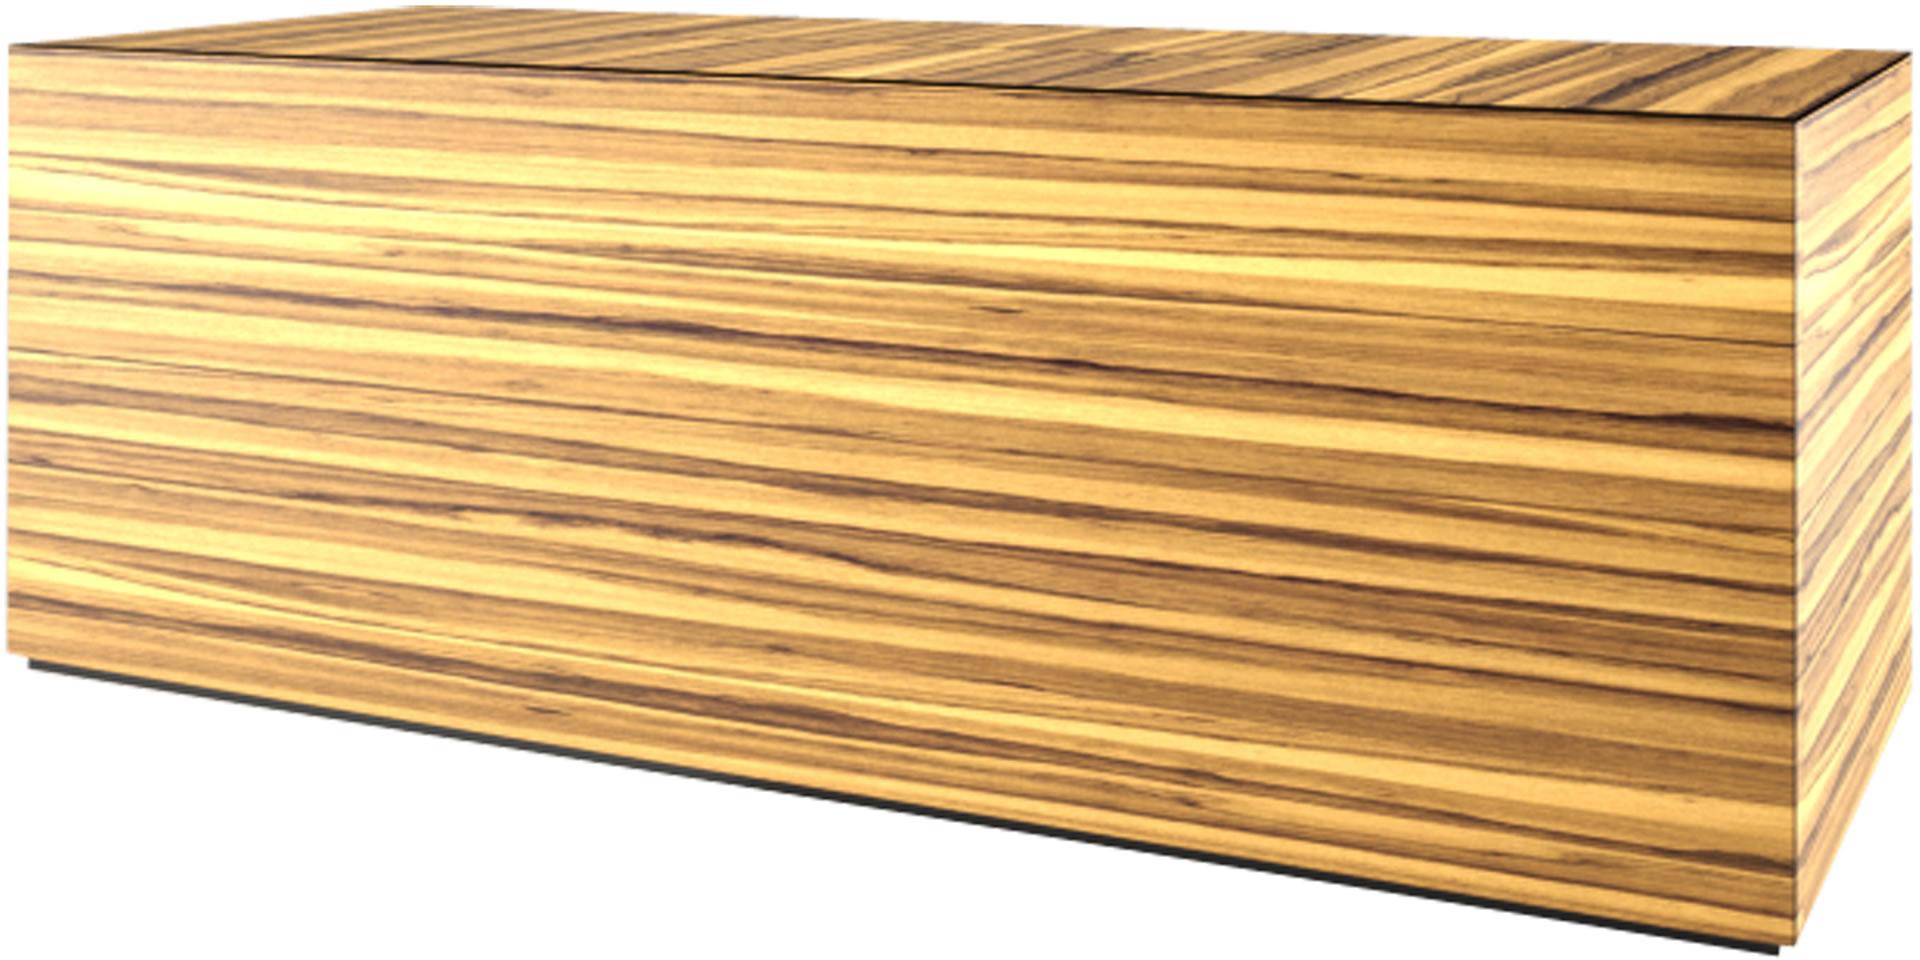 schreibtischplatte holz. Black Bedroom Furniture Sets. Home Design Ideas